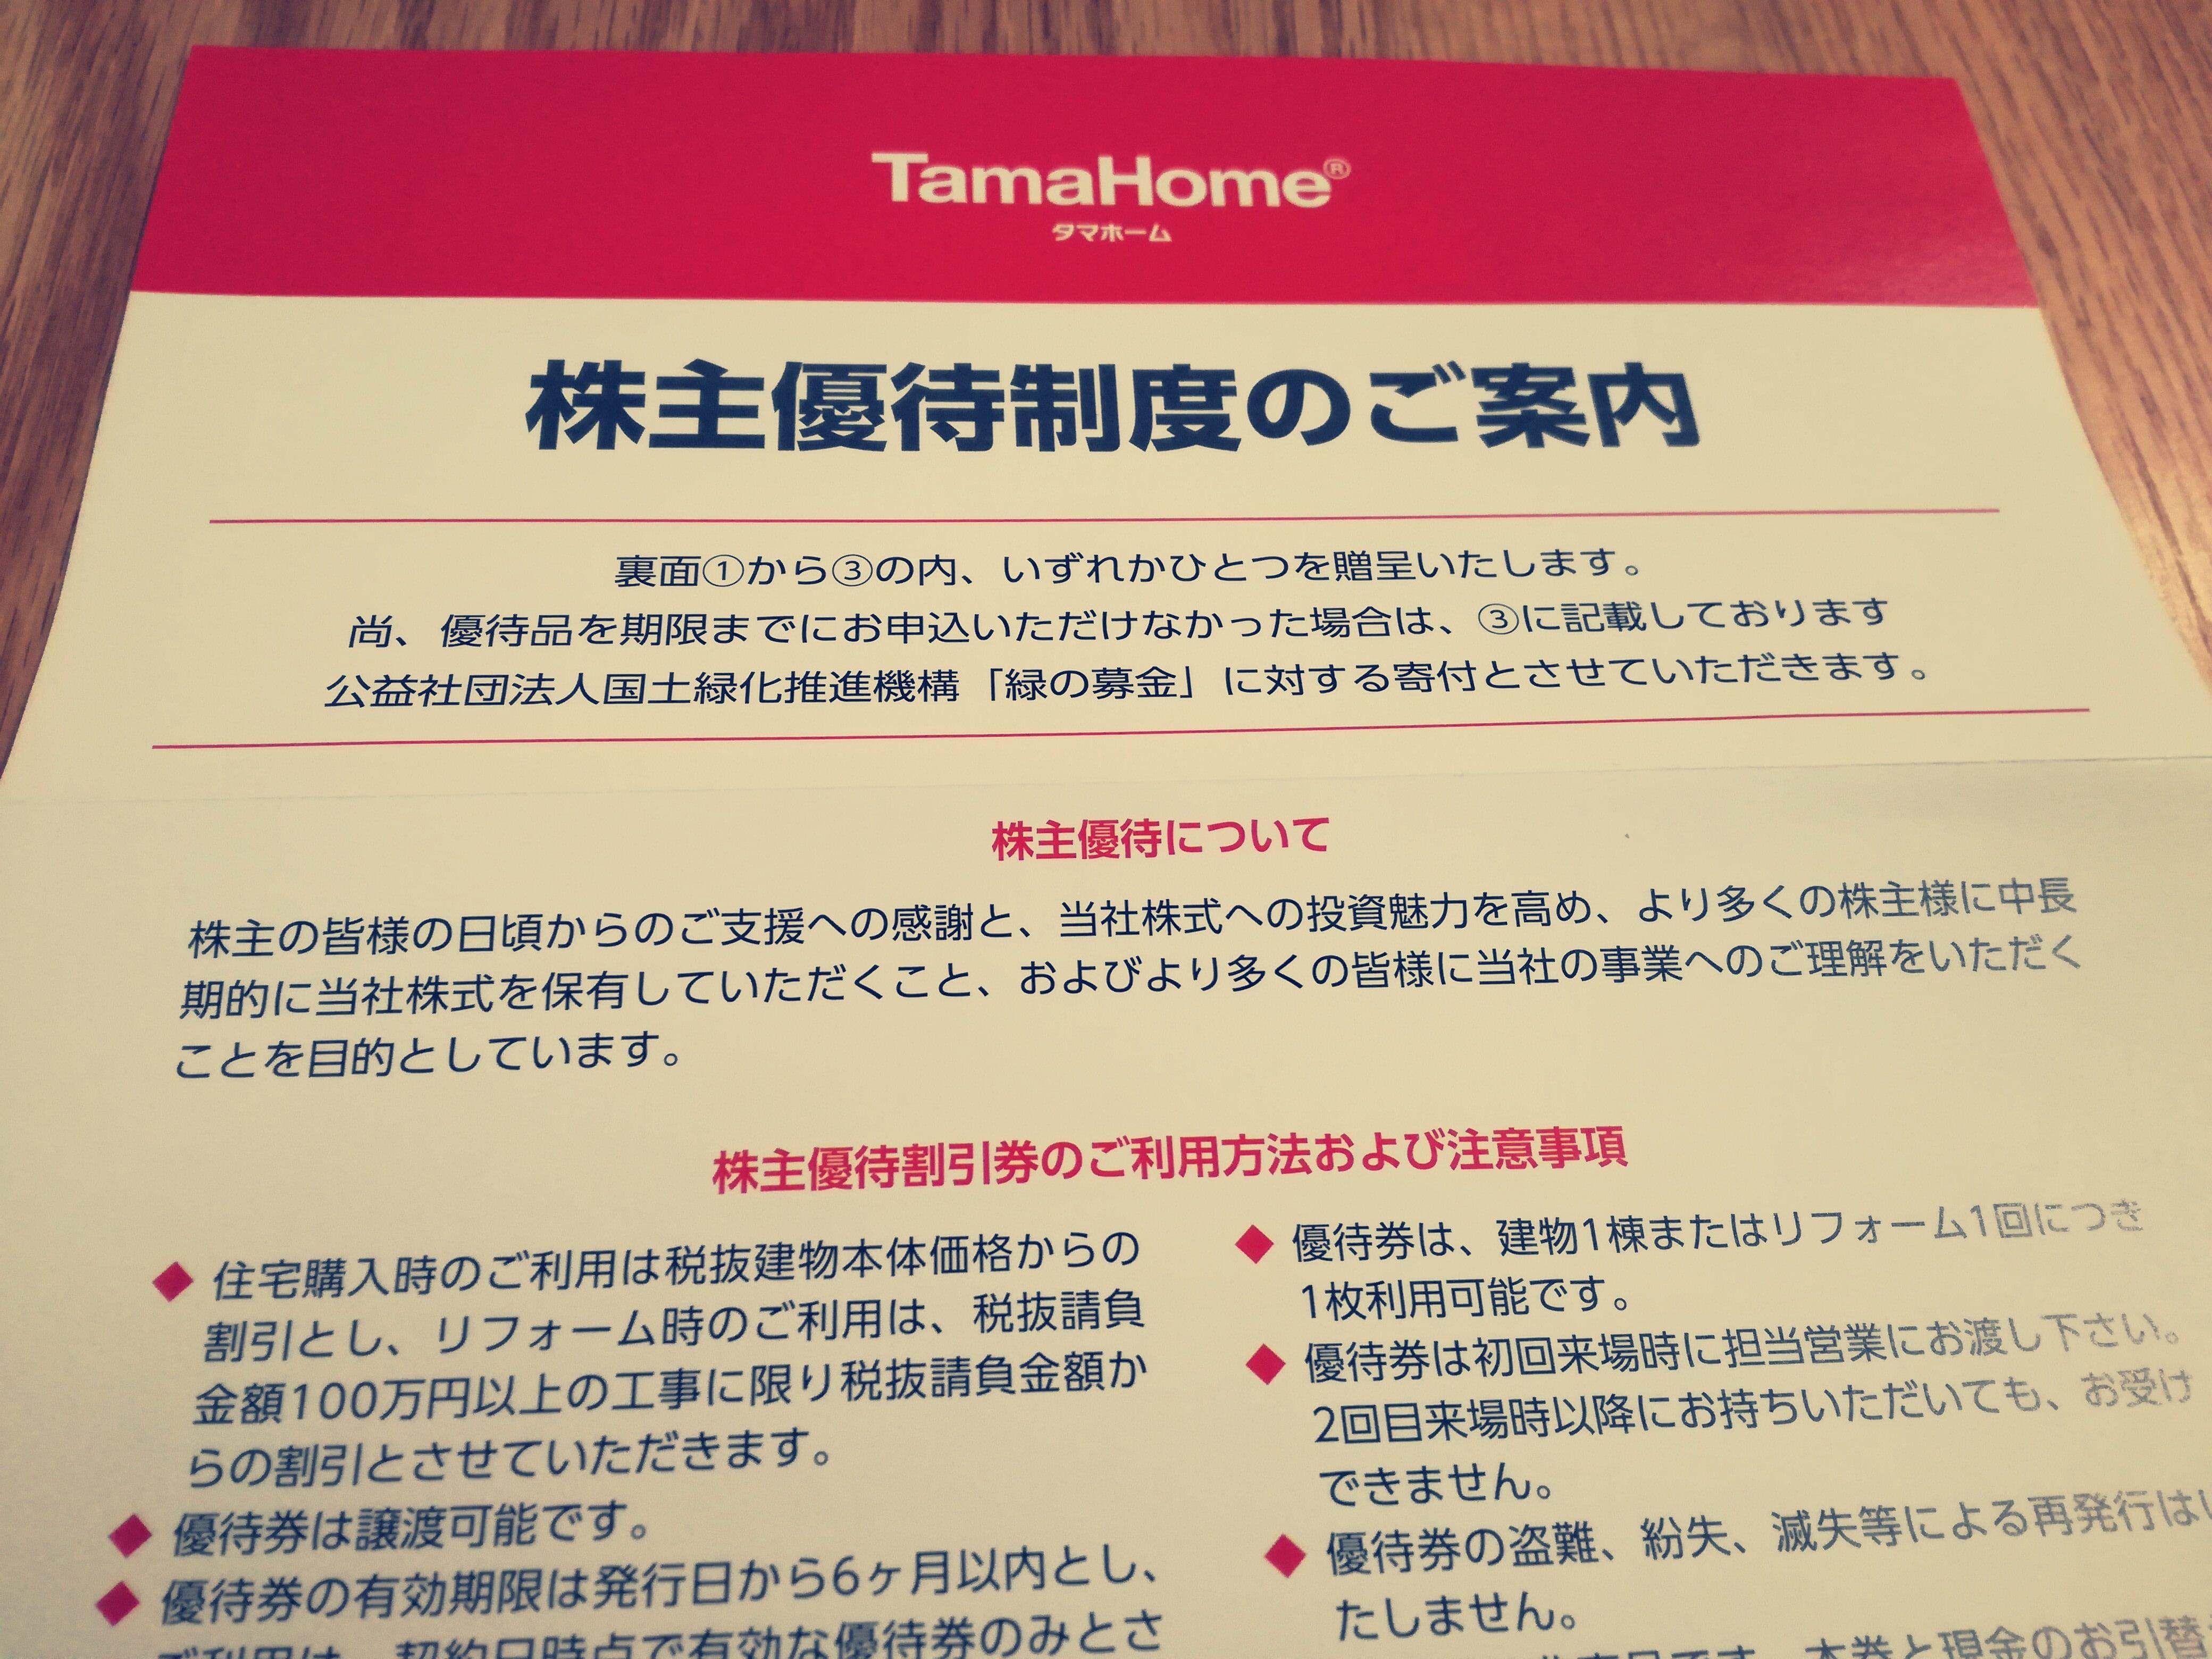 タマホーム(1419)の株主優待案内